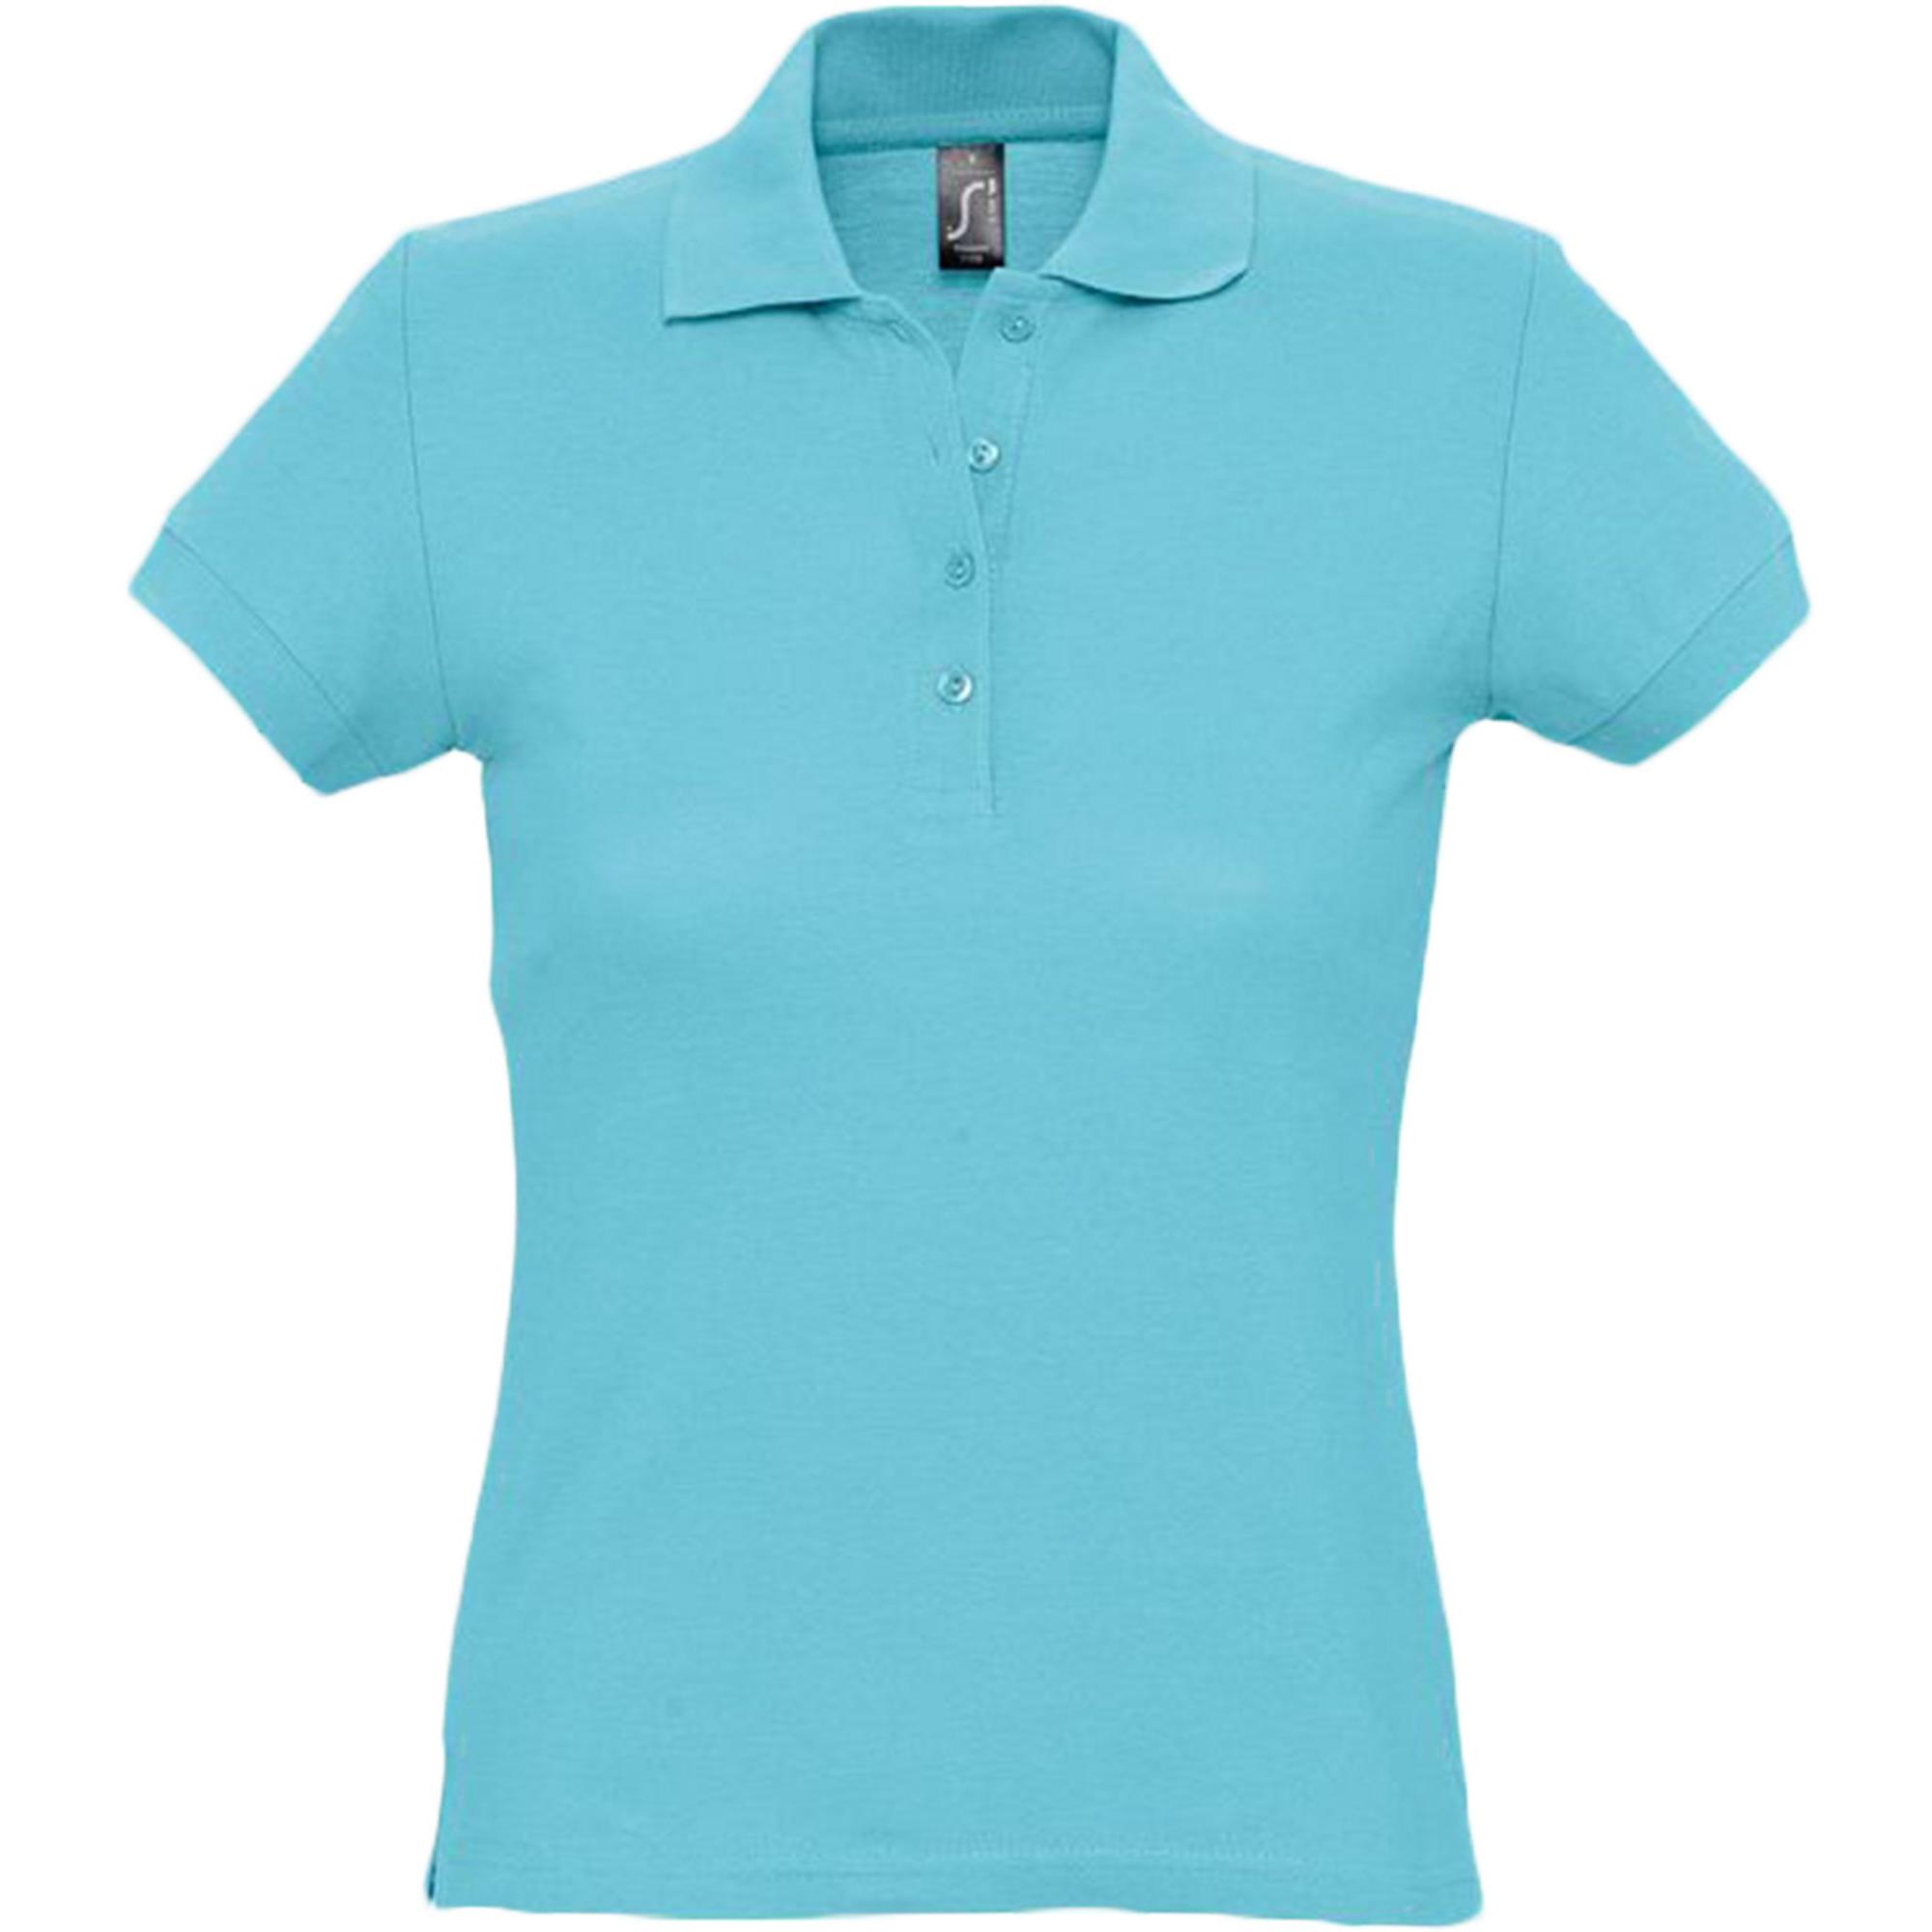 Рубашка поло женская бирюзовая PASSION. арт.4798 SALE